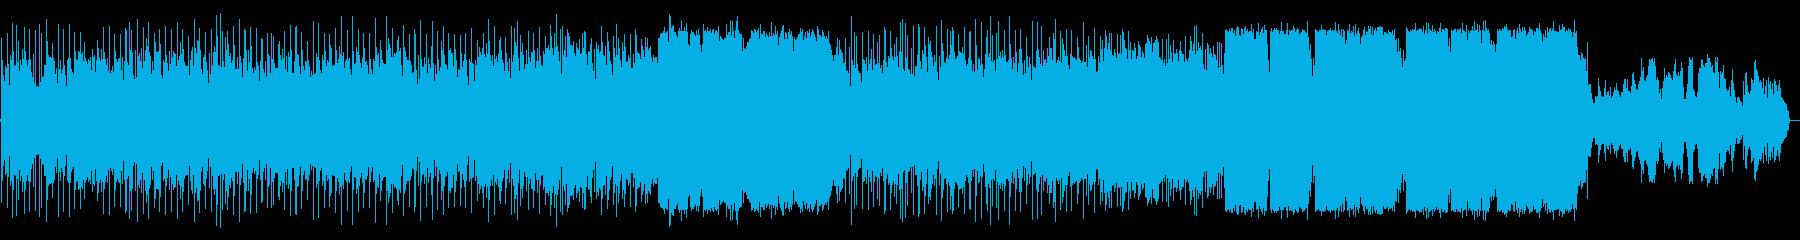 オルガンがメインのソウルバラードの再生済みの波形